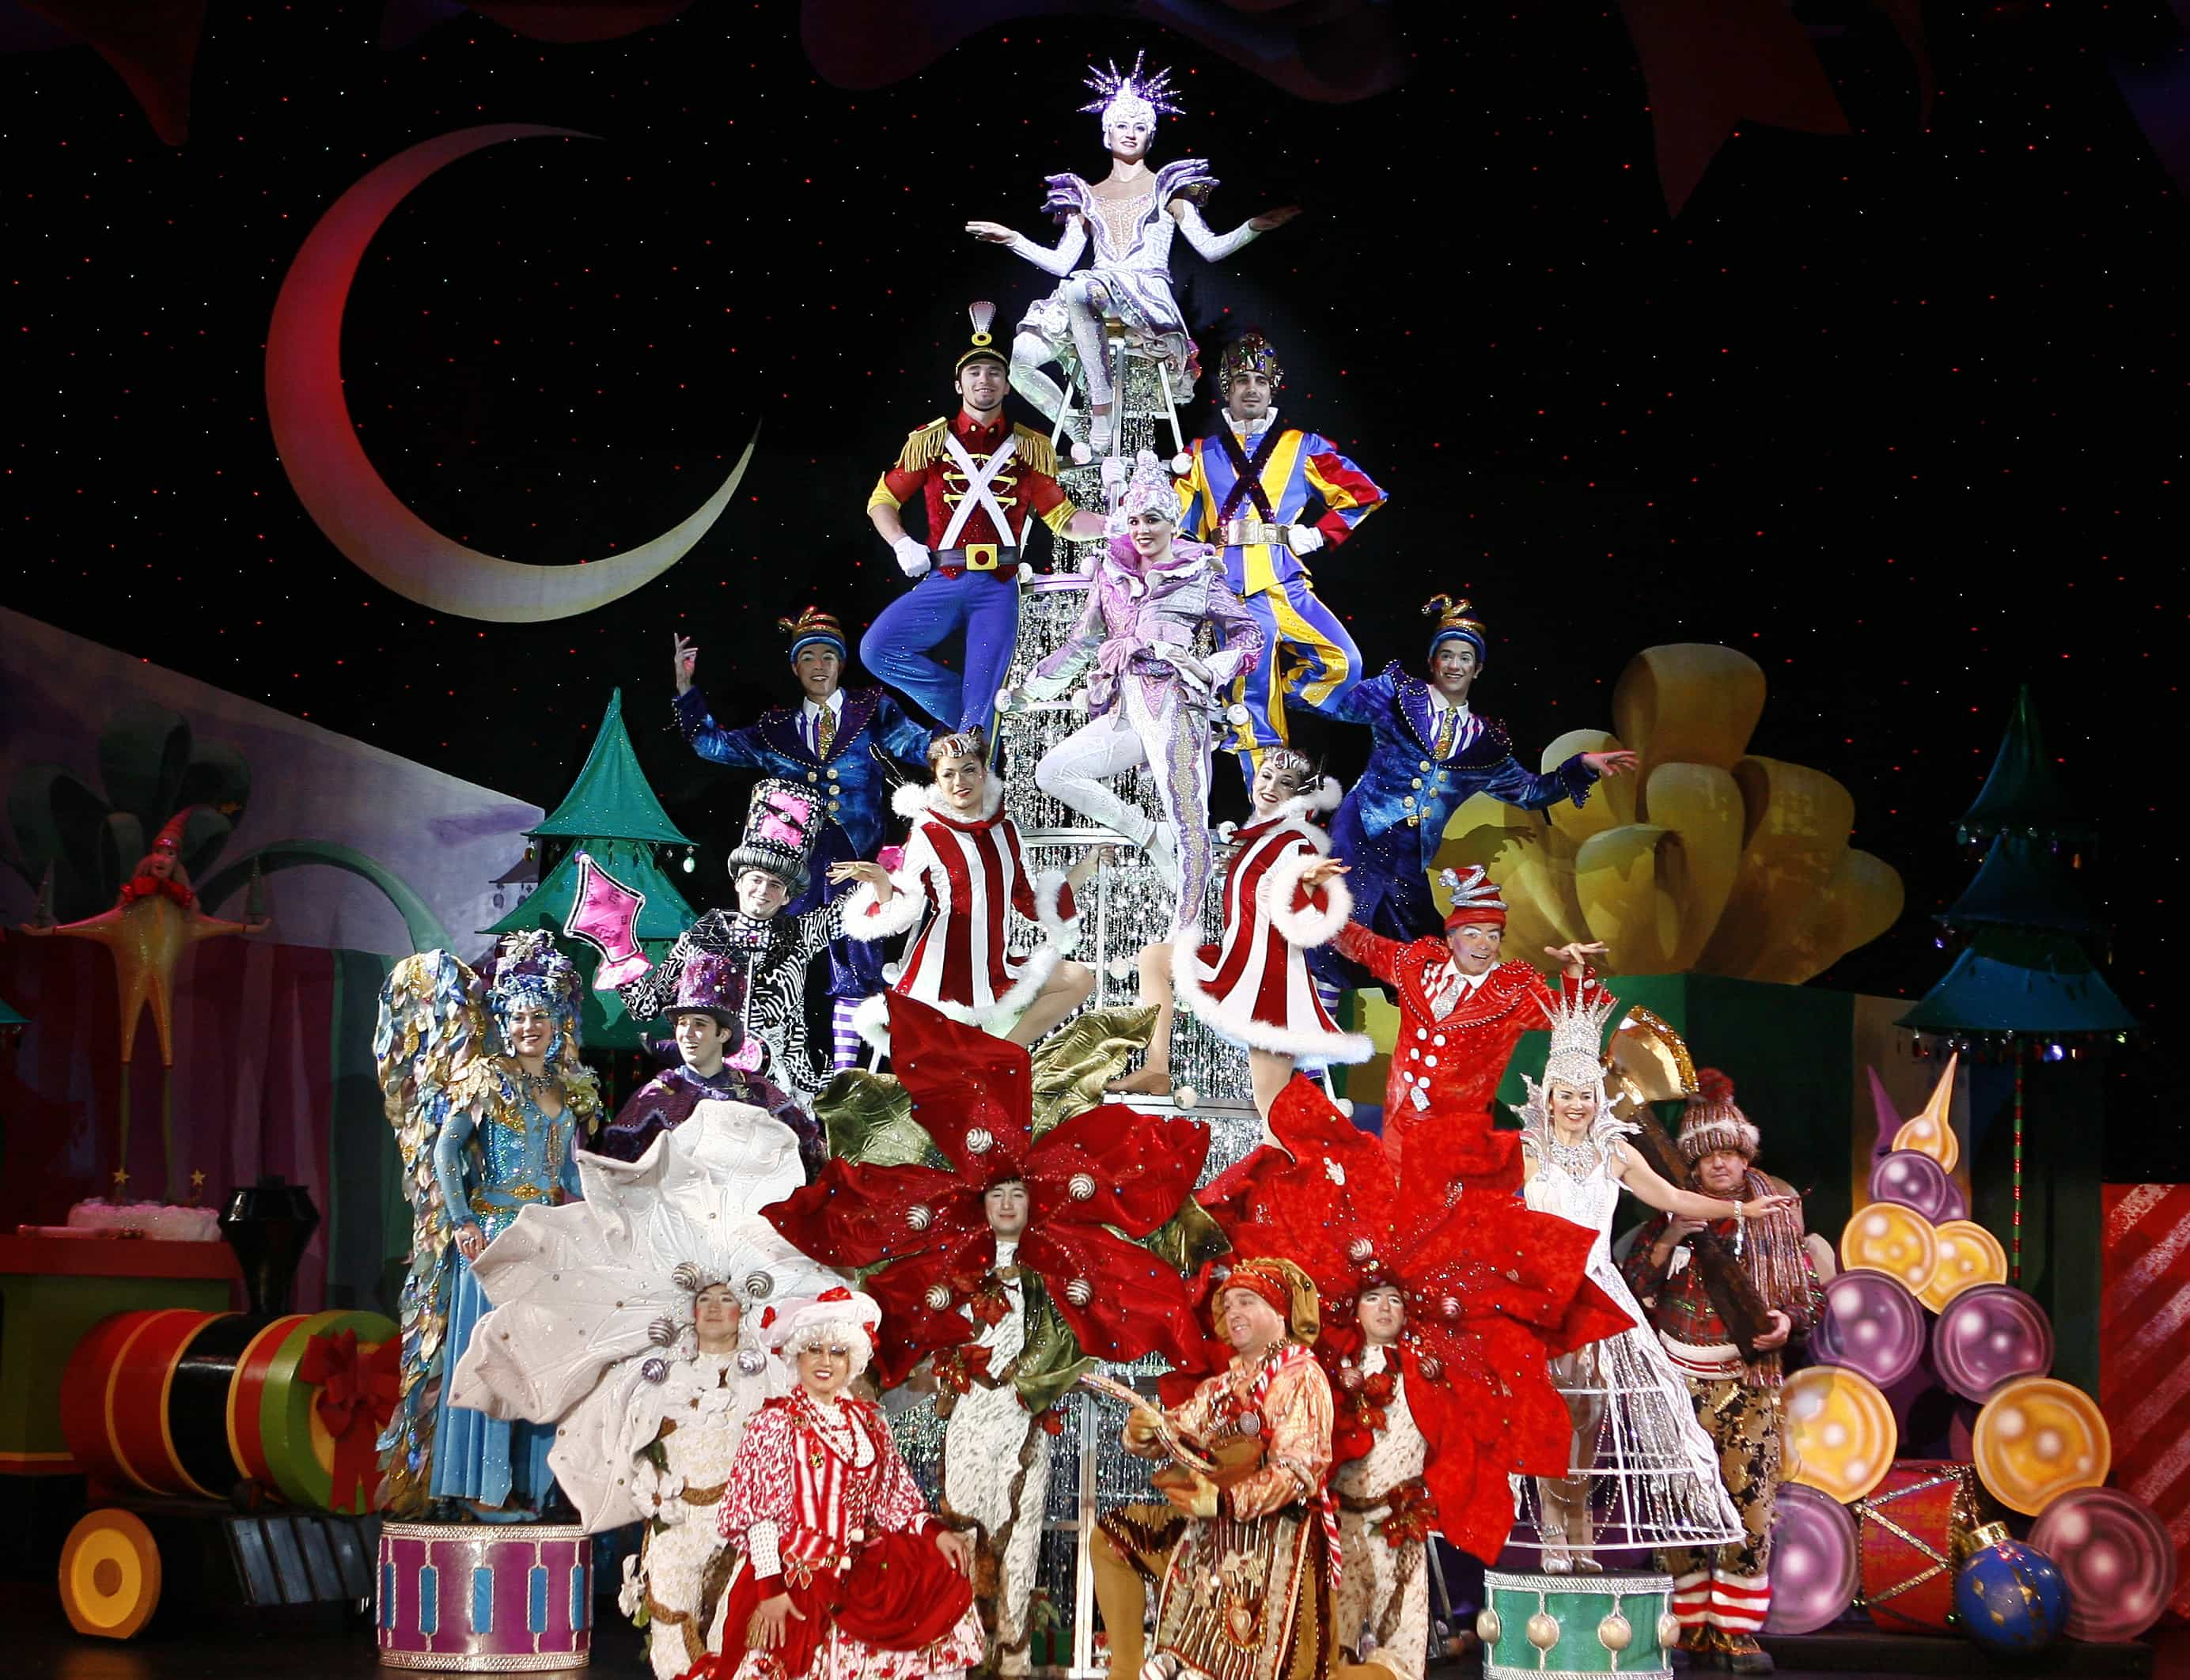 Cirque Du Soleil Holidaze Tour Swings City to City!